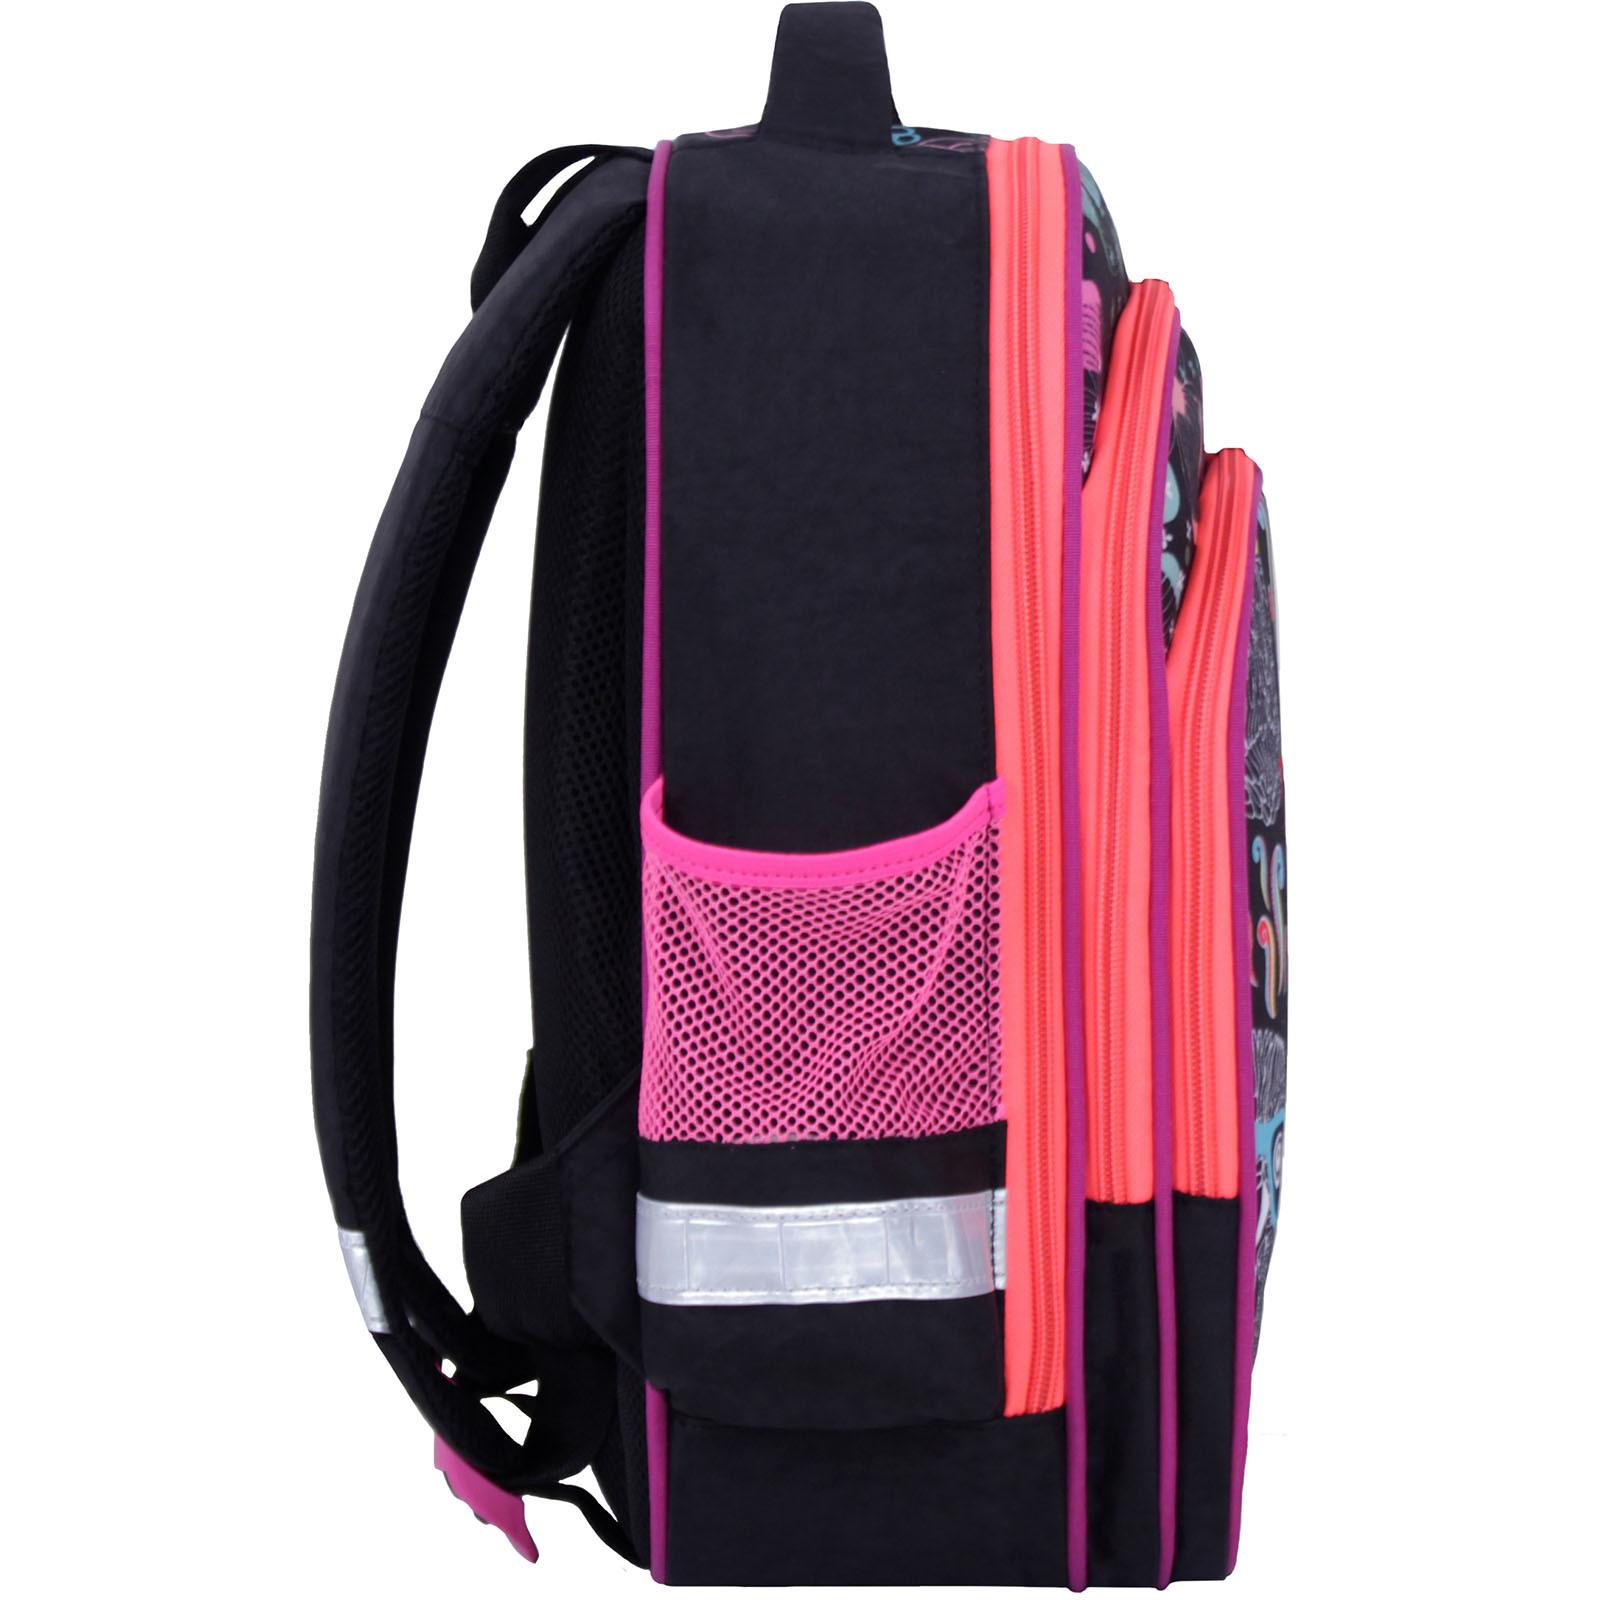 Рюкзак школьный Bagland Mouse 321 черный 403 (0051370) фото 2